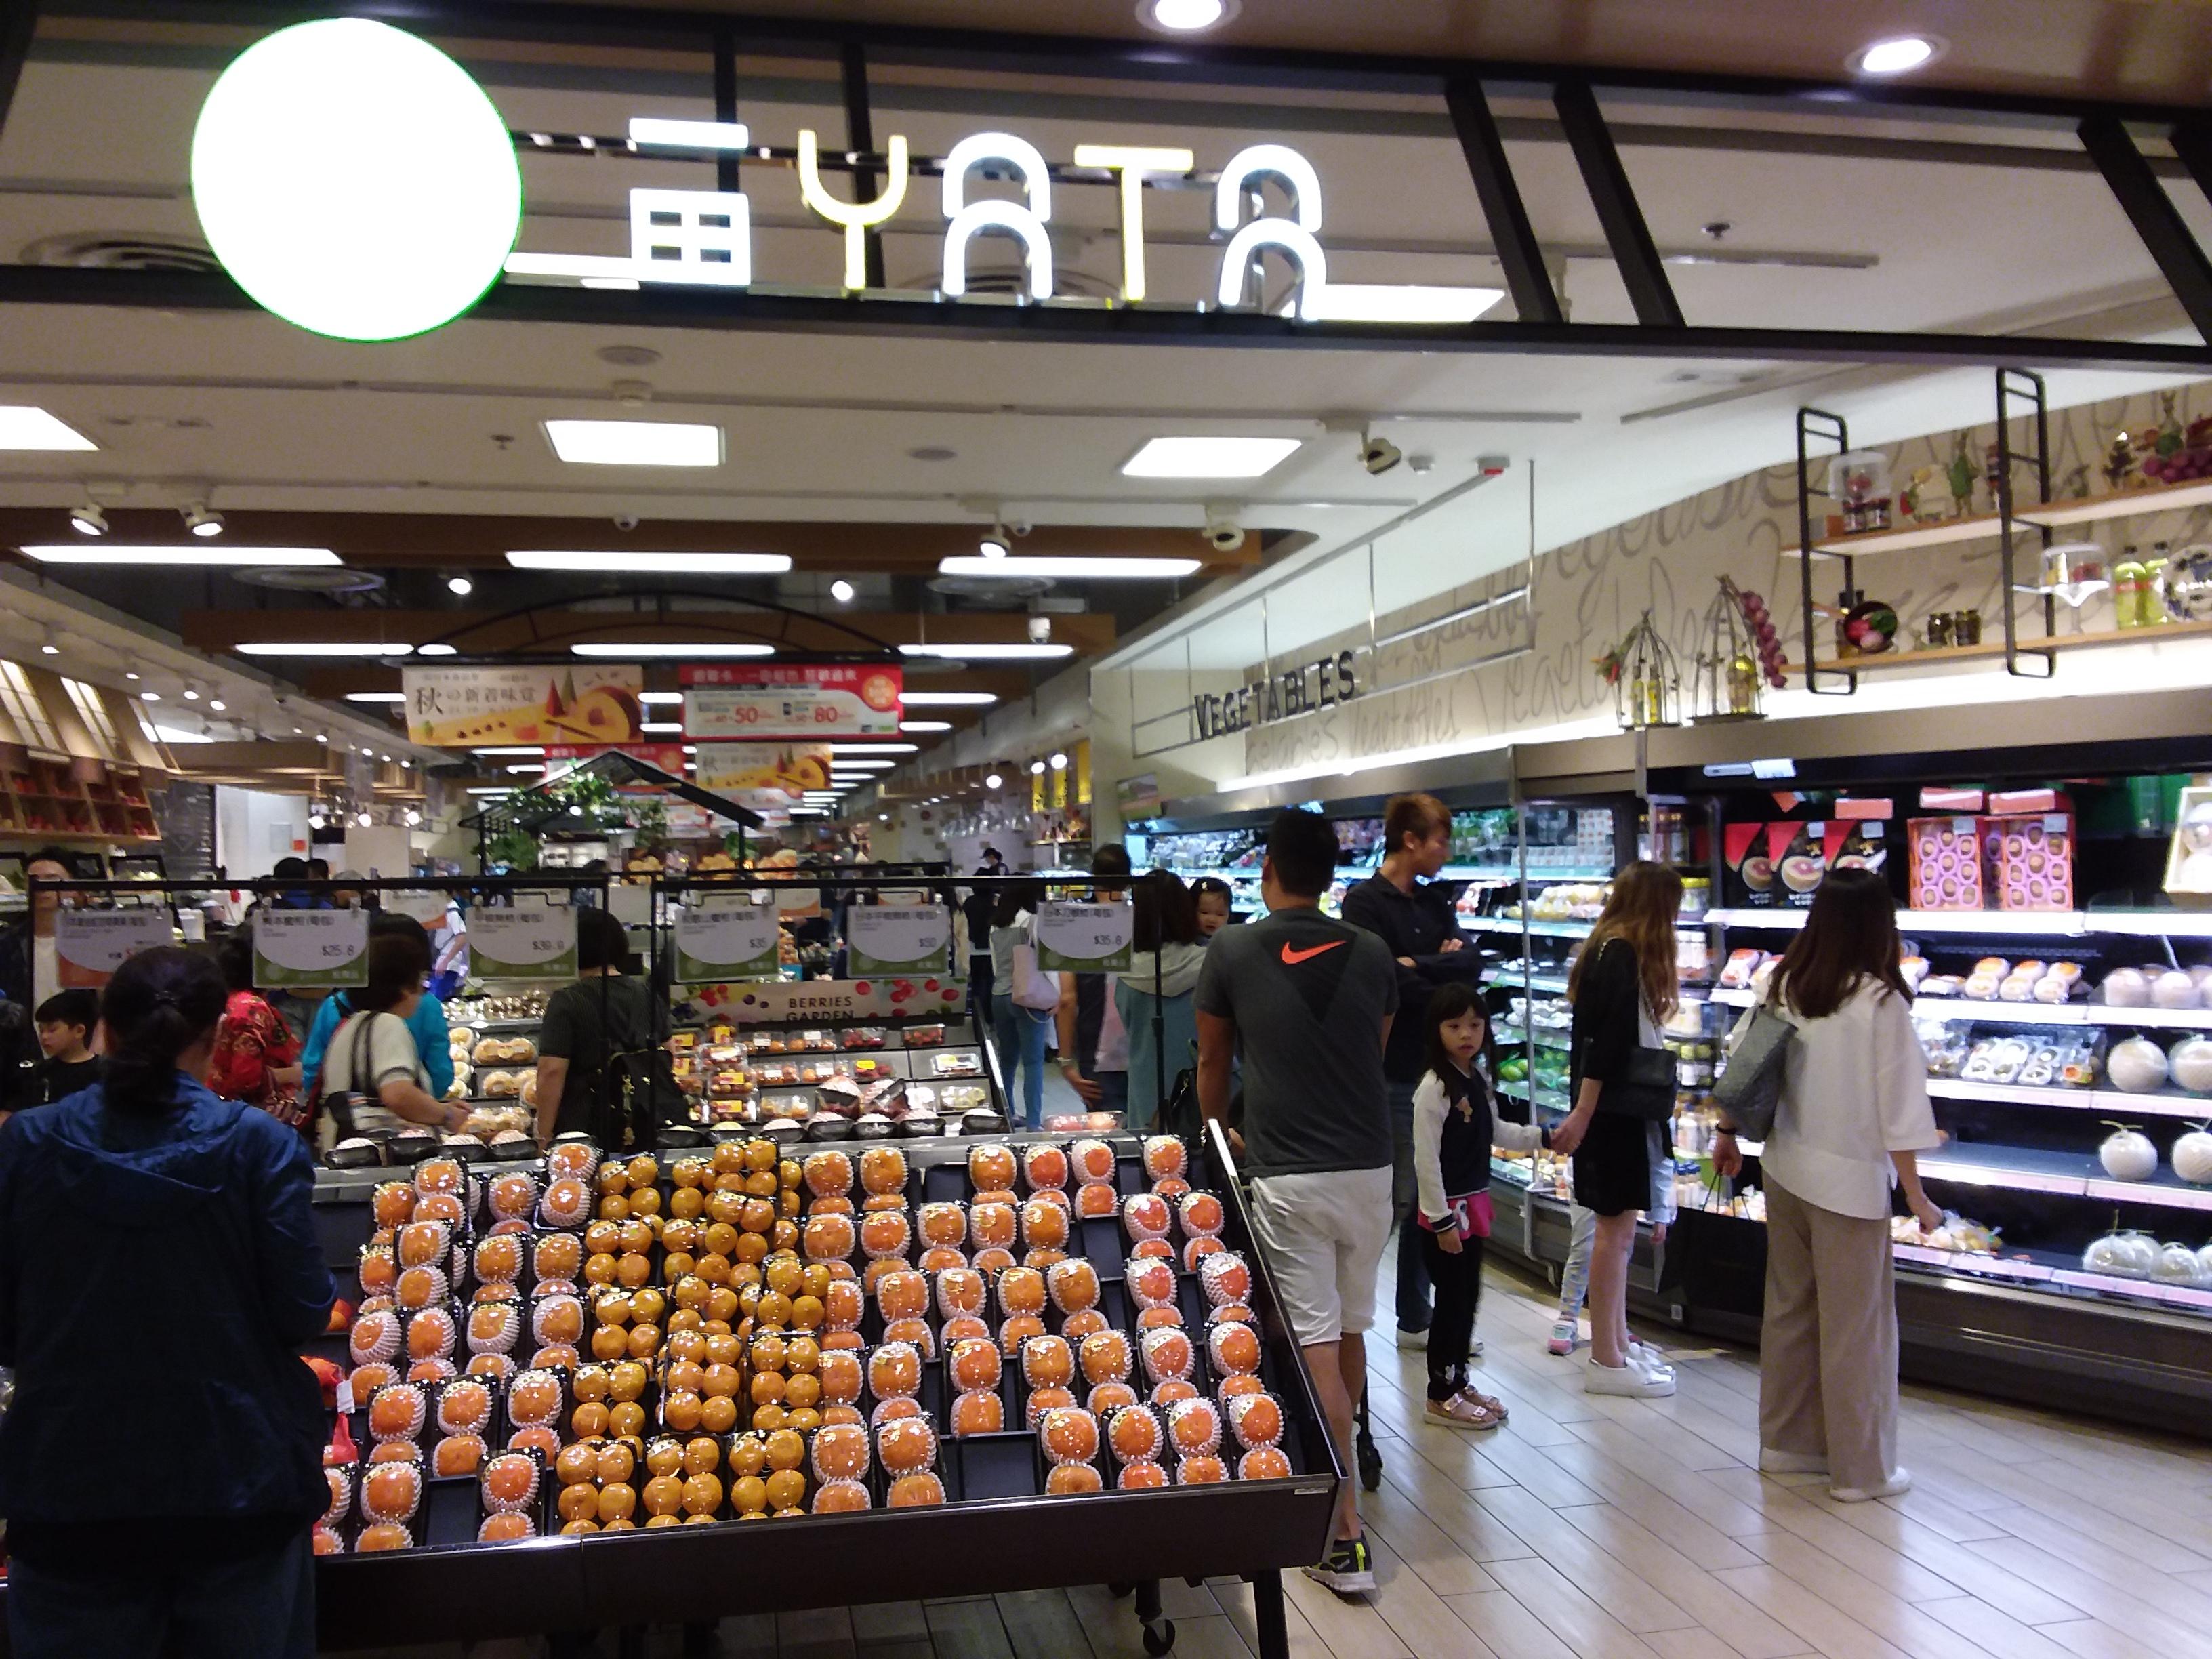 148e2fcac6c2d File:HK 觀塘 Kwun Tong APM shop 一田百貨 YATA department store supermarket  interior November 2018 SSG 02.jpg